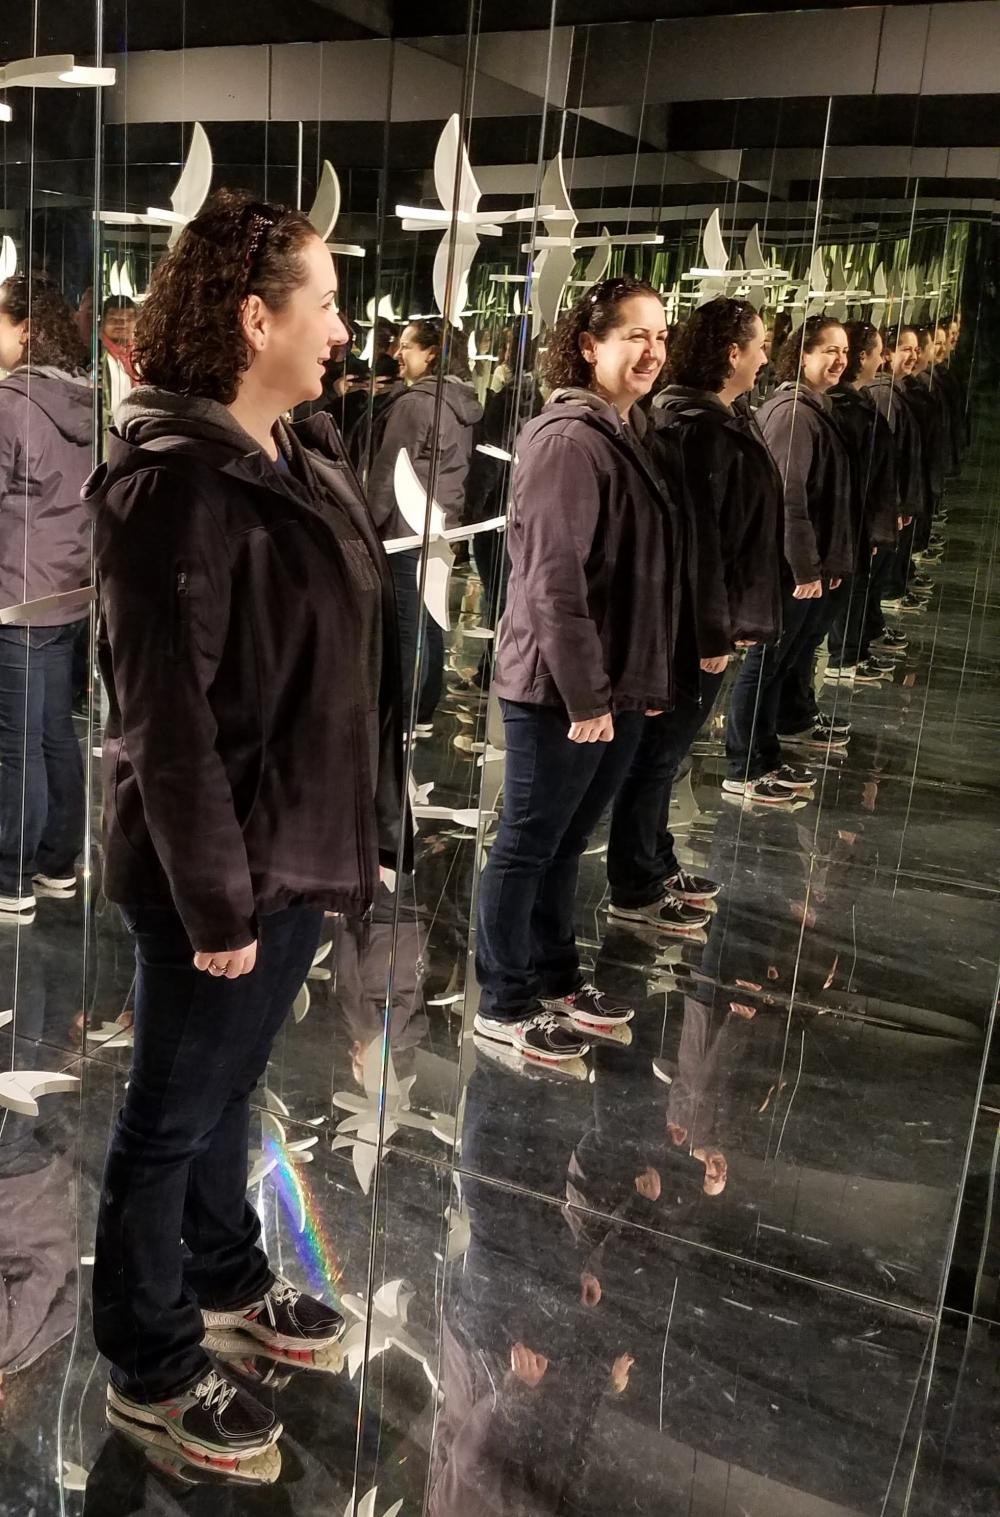 Escher Infinity Room